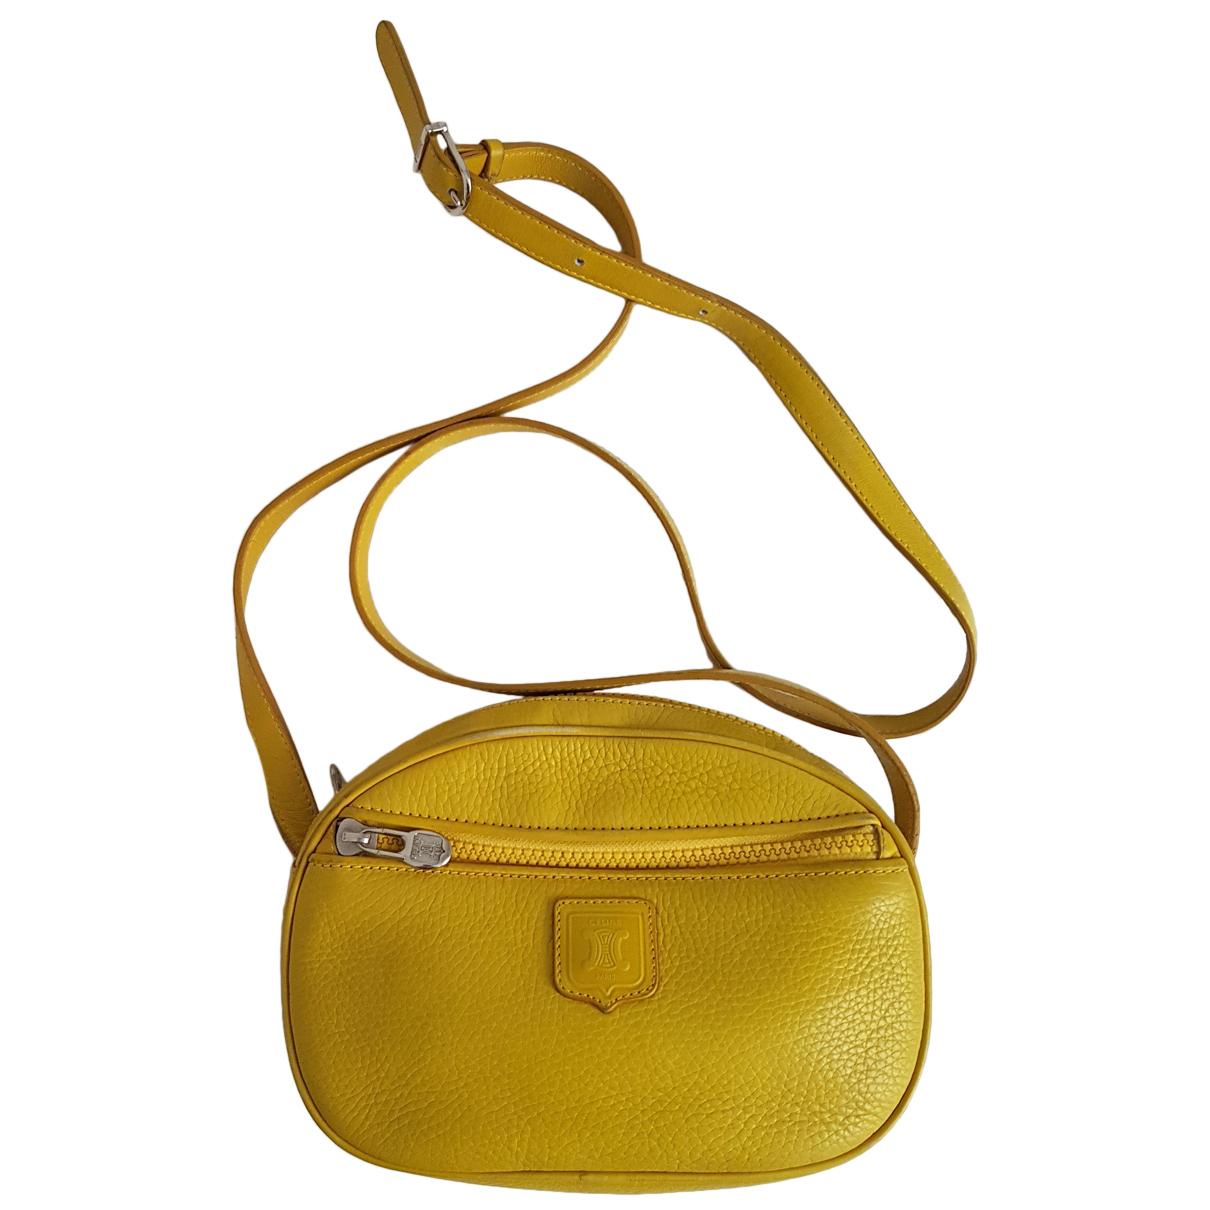 Celine - Sac a main C charm pour femme en cuir - jaune